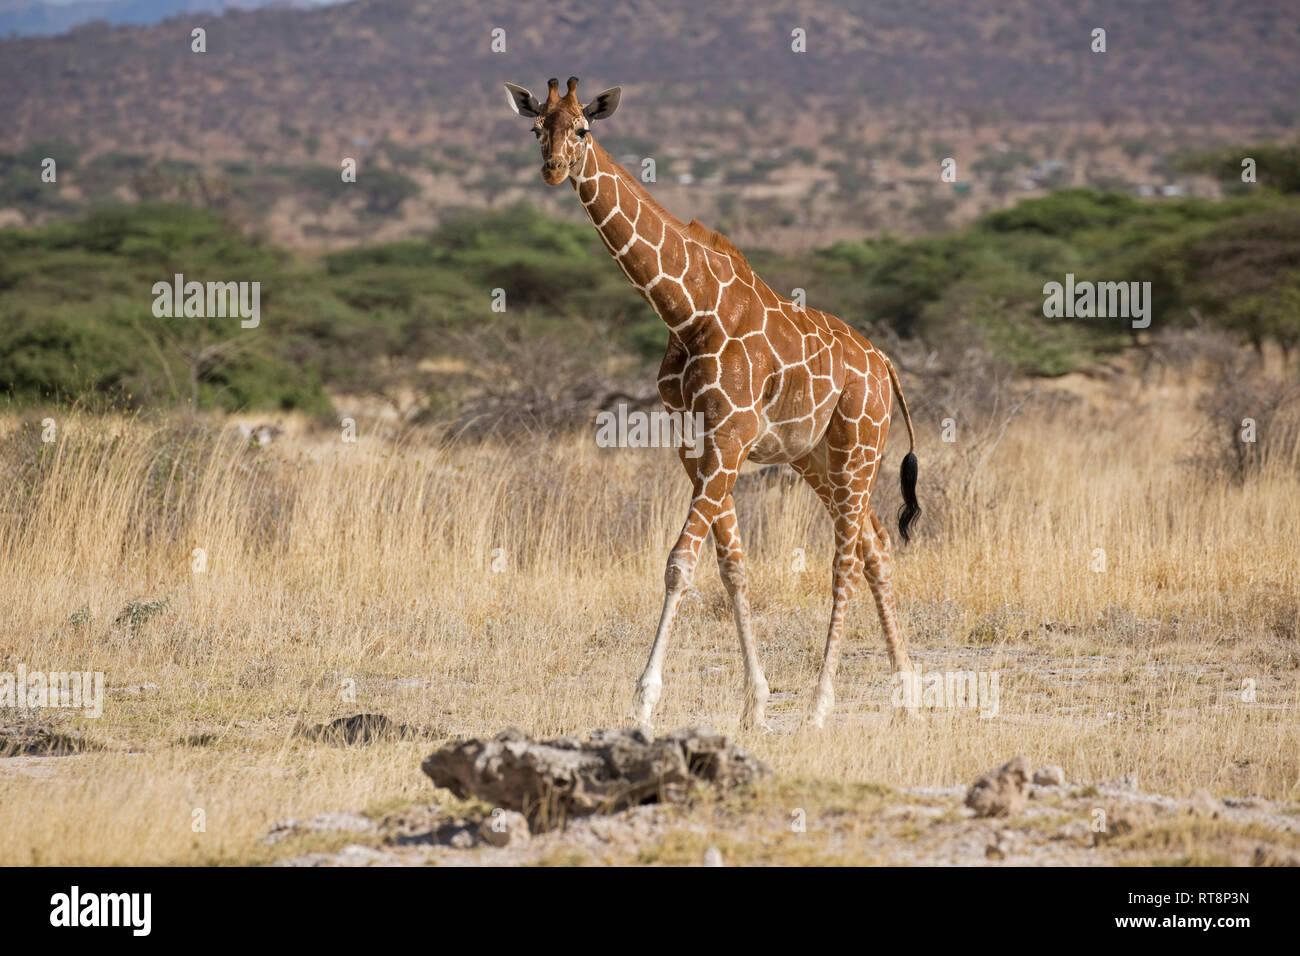 O reticulada jirafa somalí, Giraffa camelopardalis reticulata, en praderas semi-áridas, Buffalo Springs reserva nacional, Kenya Foto de stock